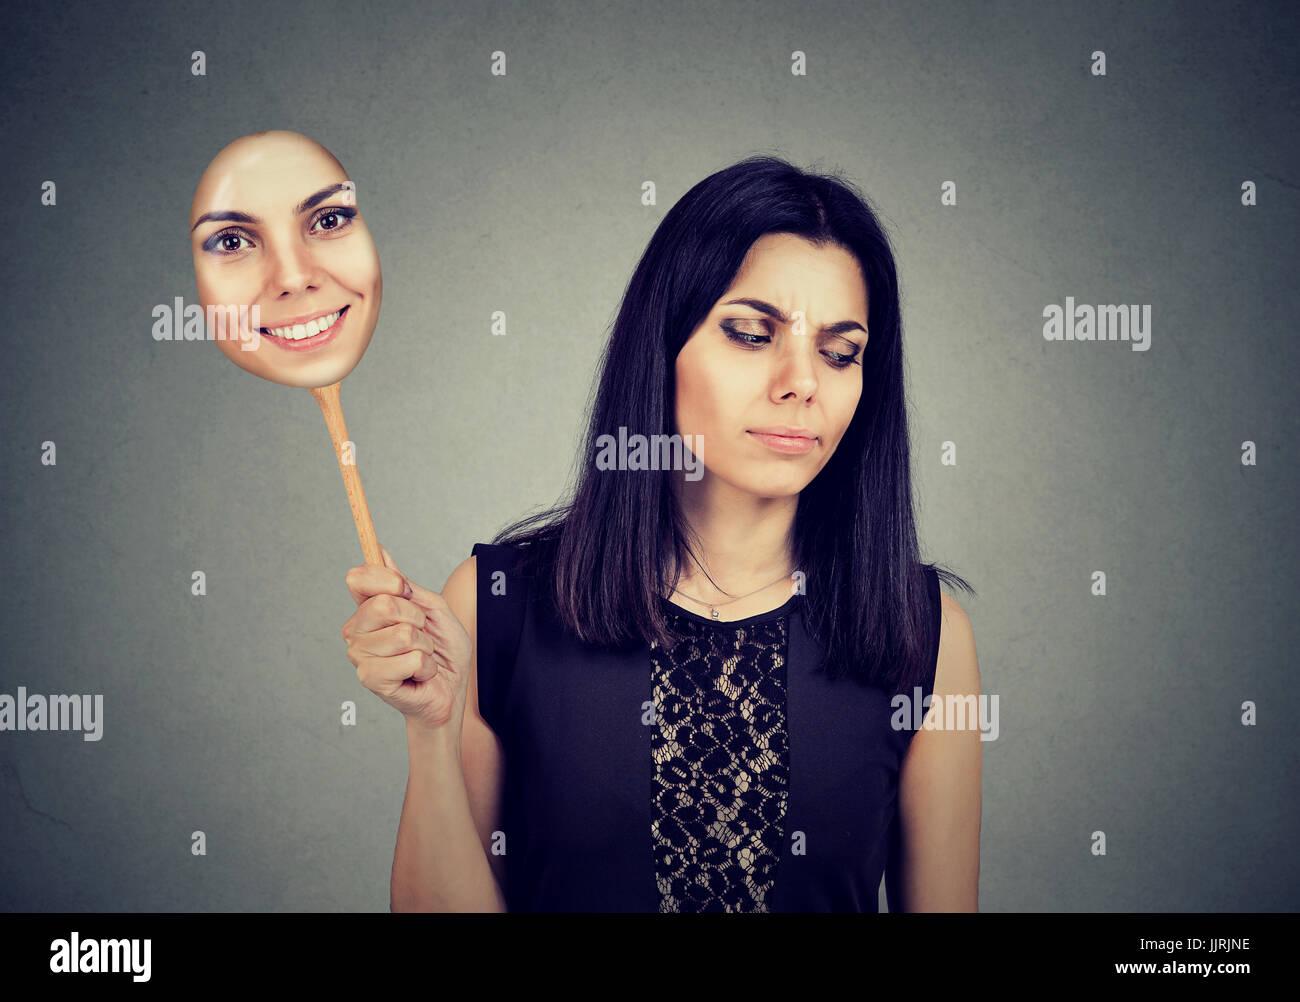 Jeune femme avec expression triste de prendre un masque l'expression de gaieté Photo Stock